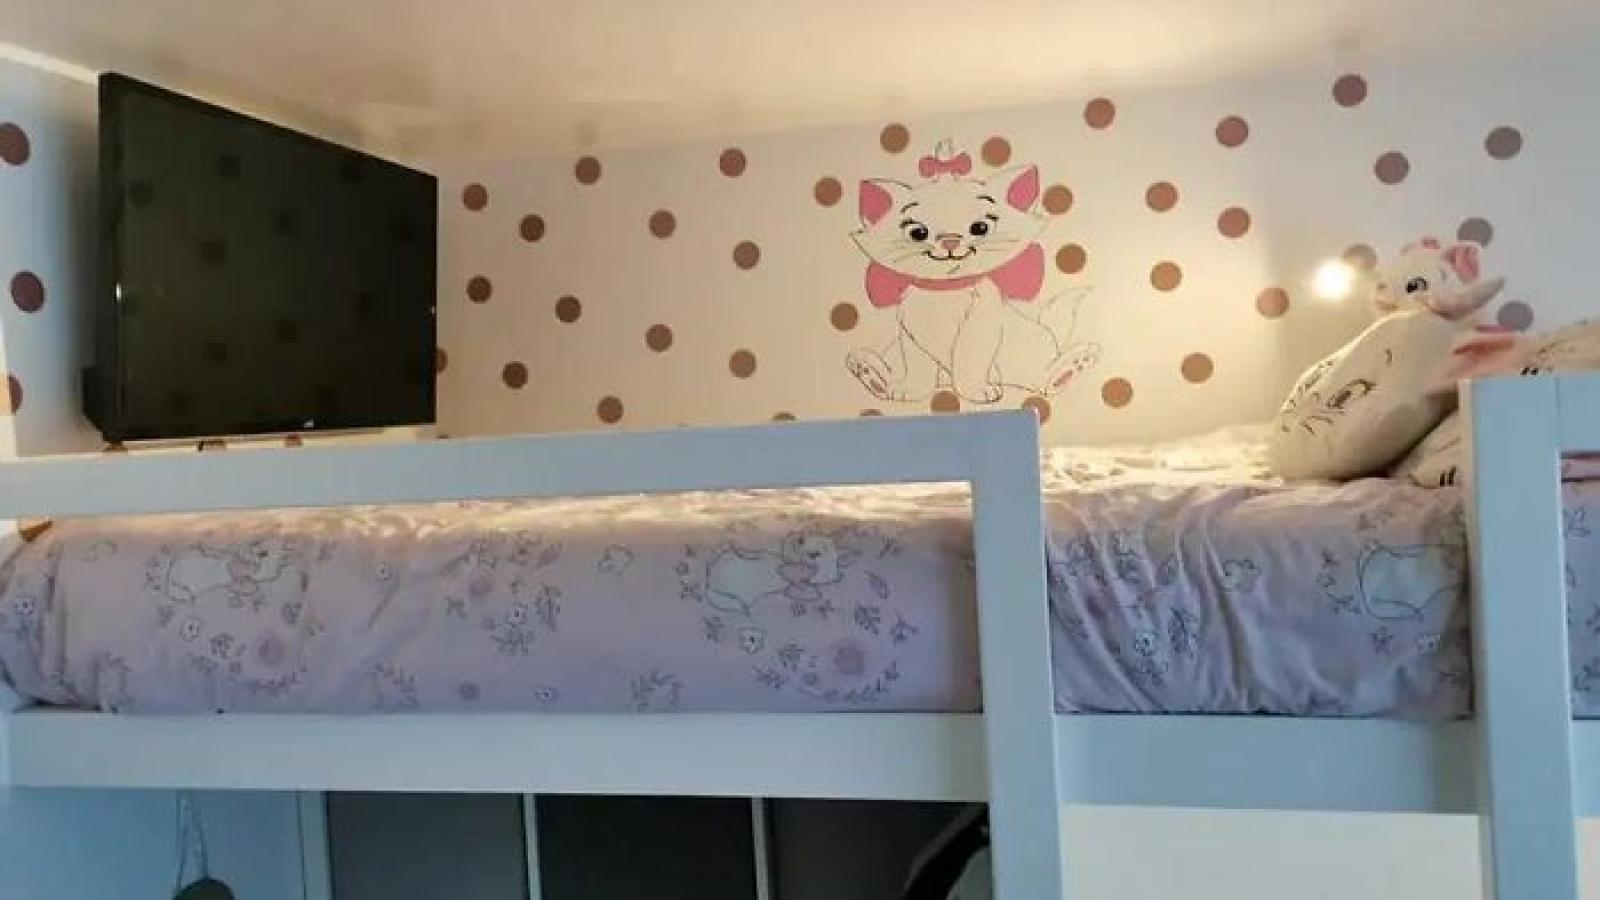 Bà mẹ thiết kế lại căn phòng ngủ cho 3 cô con gái trở nên rộng rãi, thẩm mỹ hơn